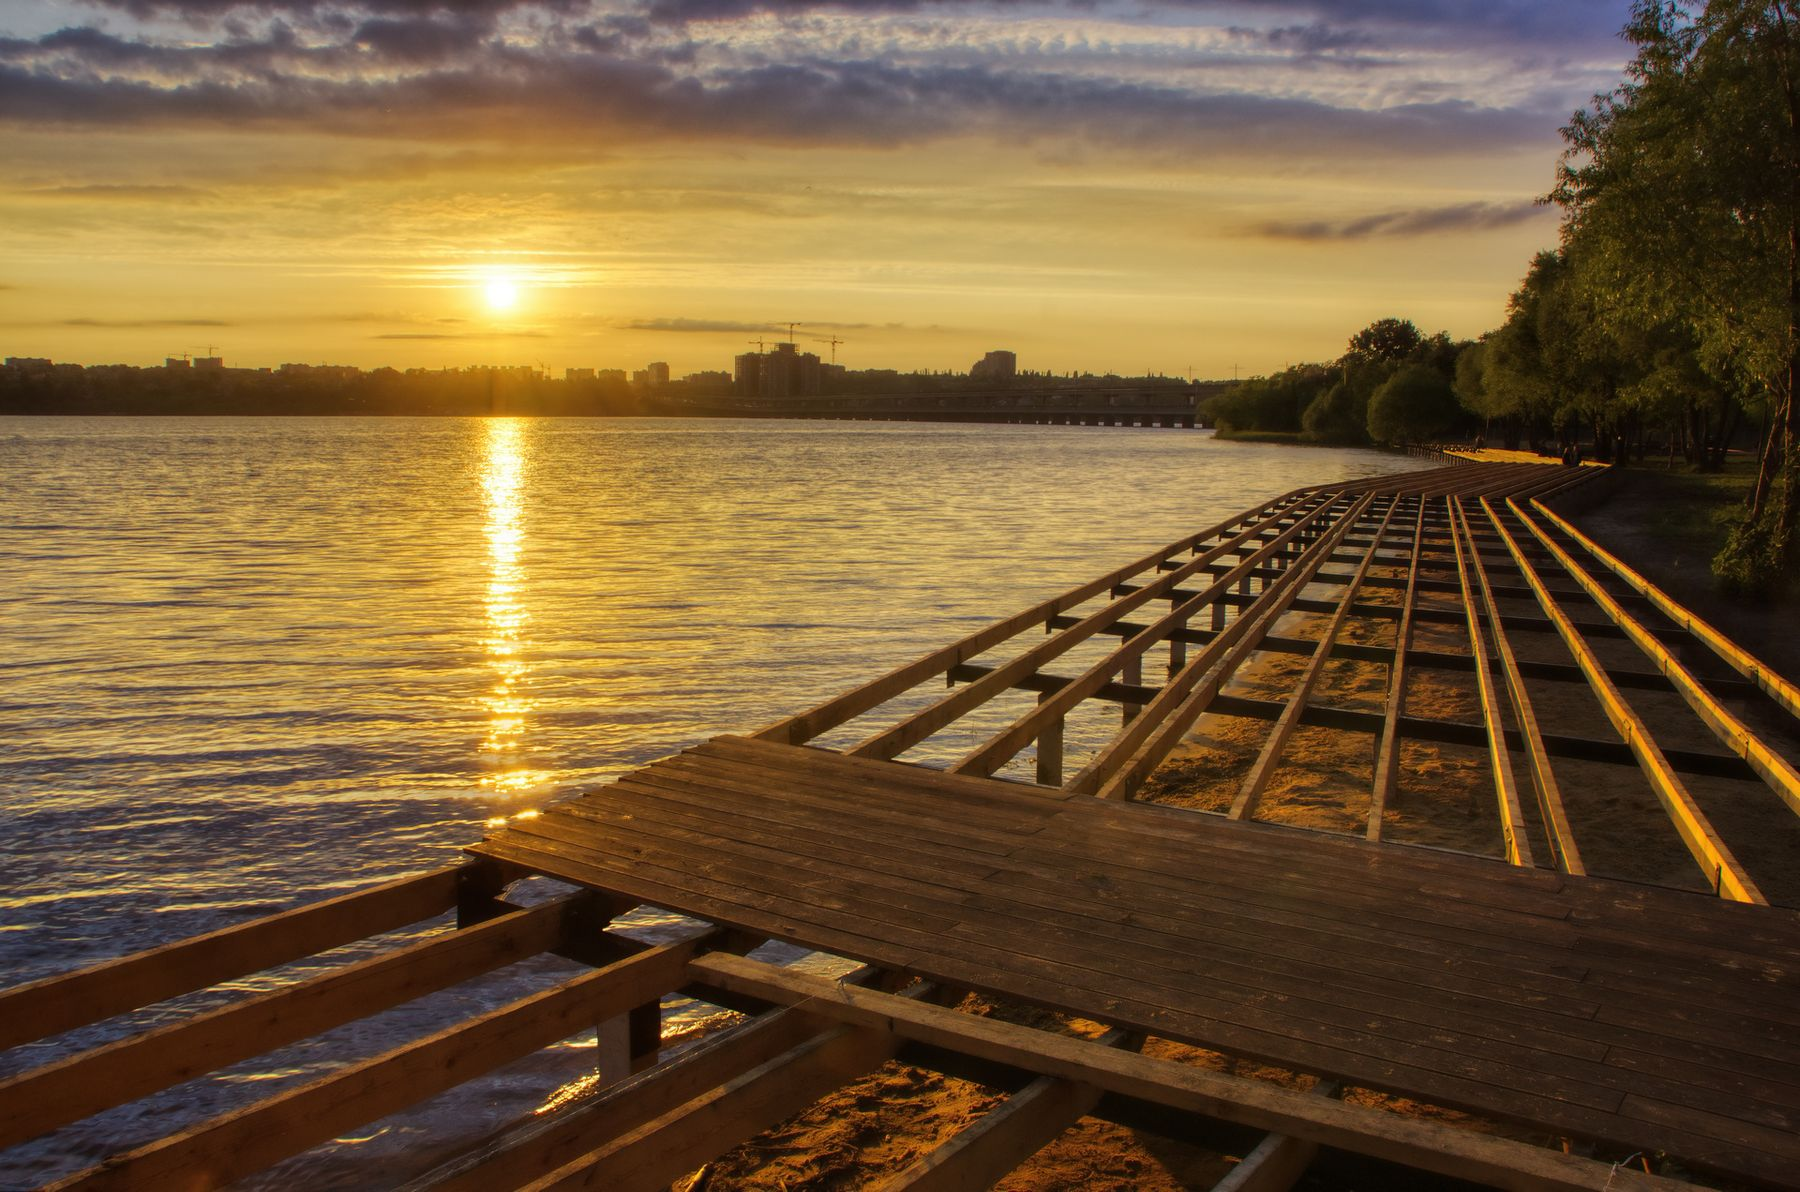 Закат обновления пейзаж природа весна вечер закат Воронеж водохранилище Дельфин облака парк